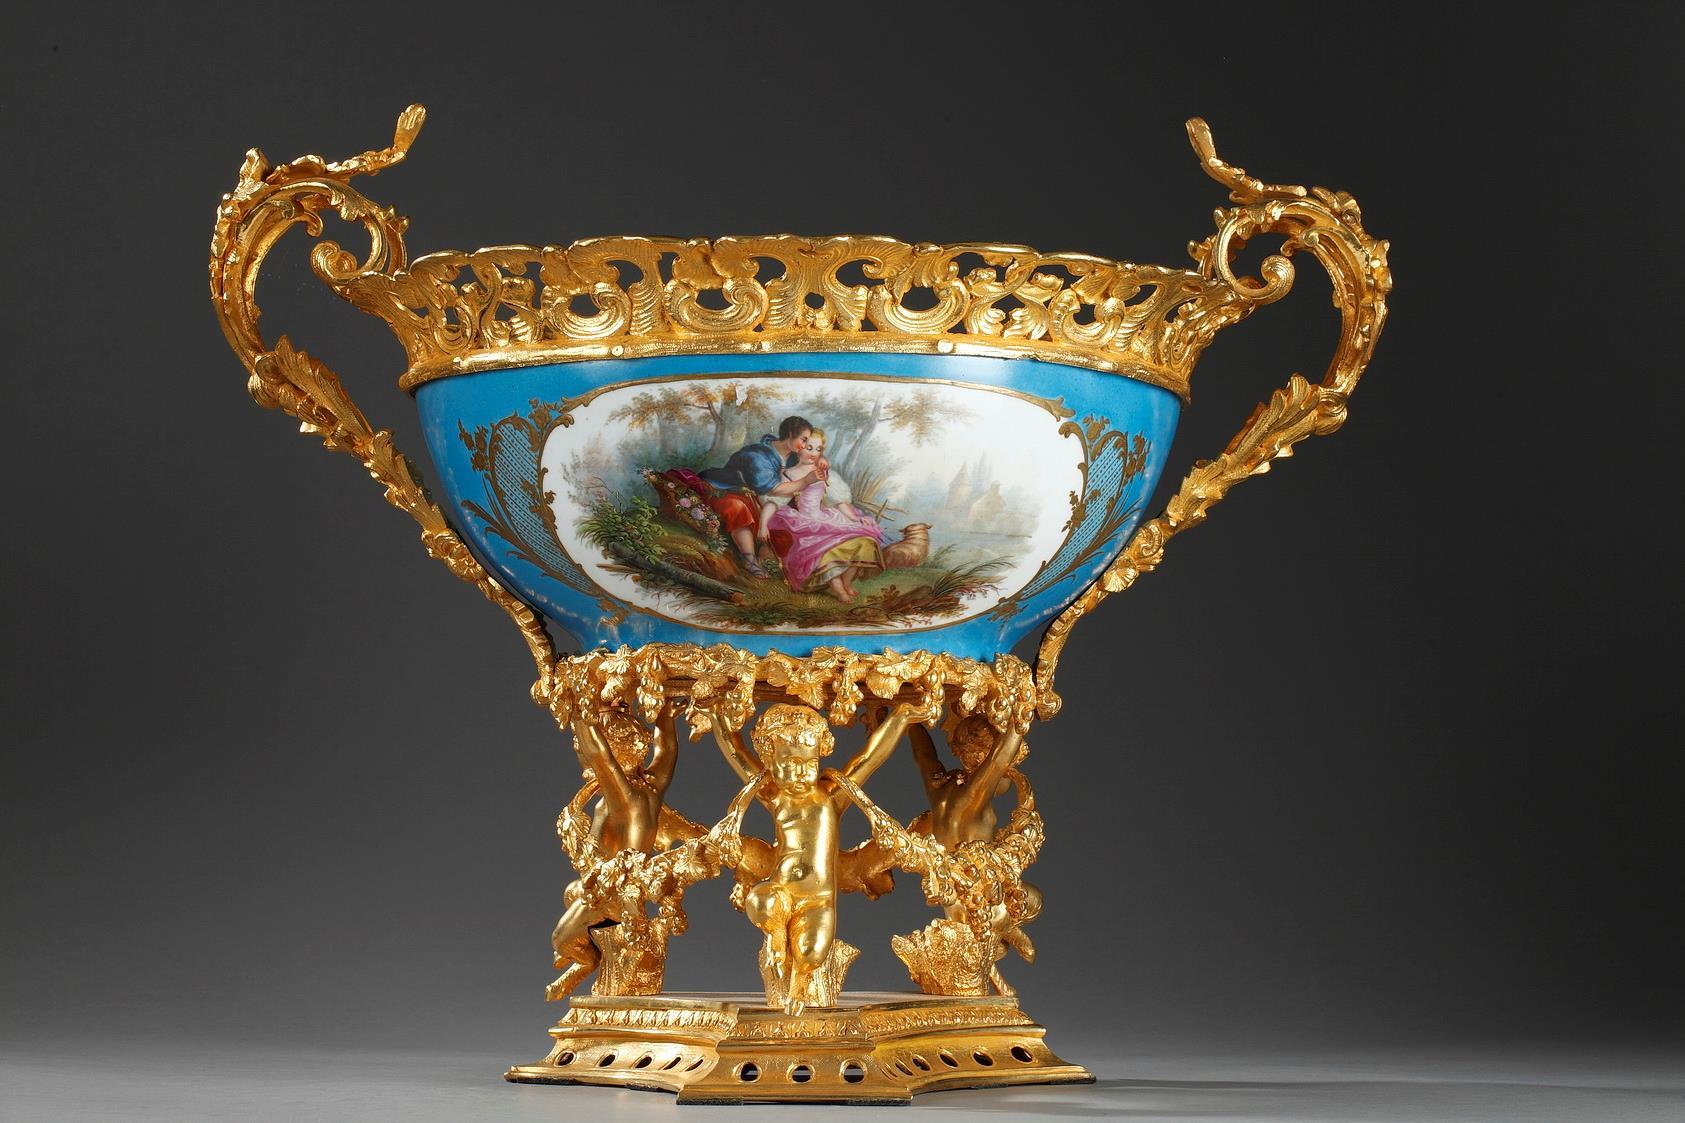 Porcelain-mounted gilded bronze.  Napoleon III